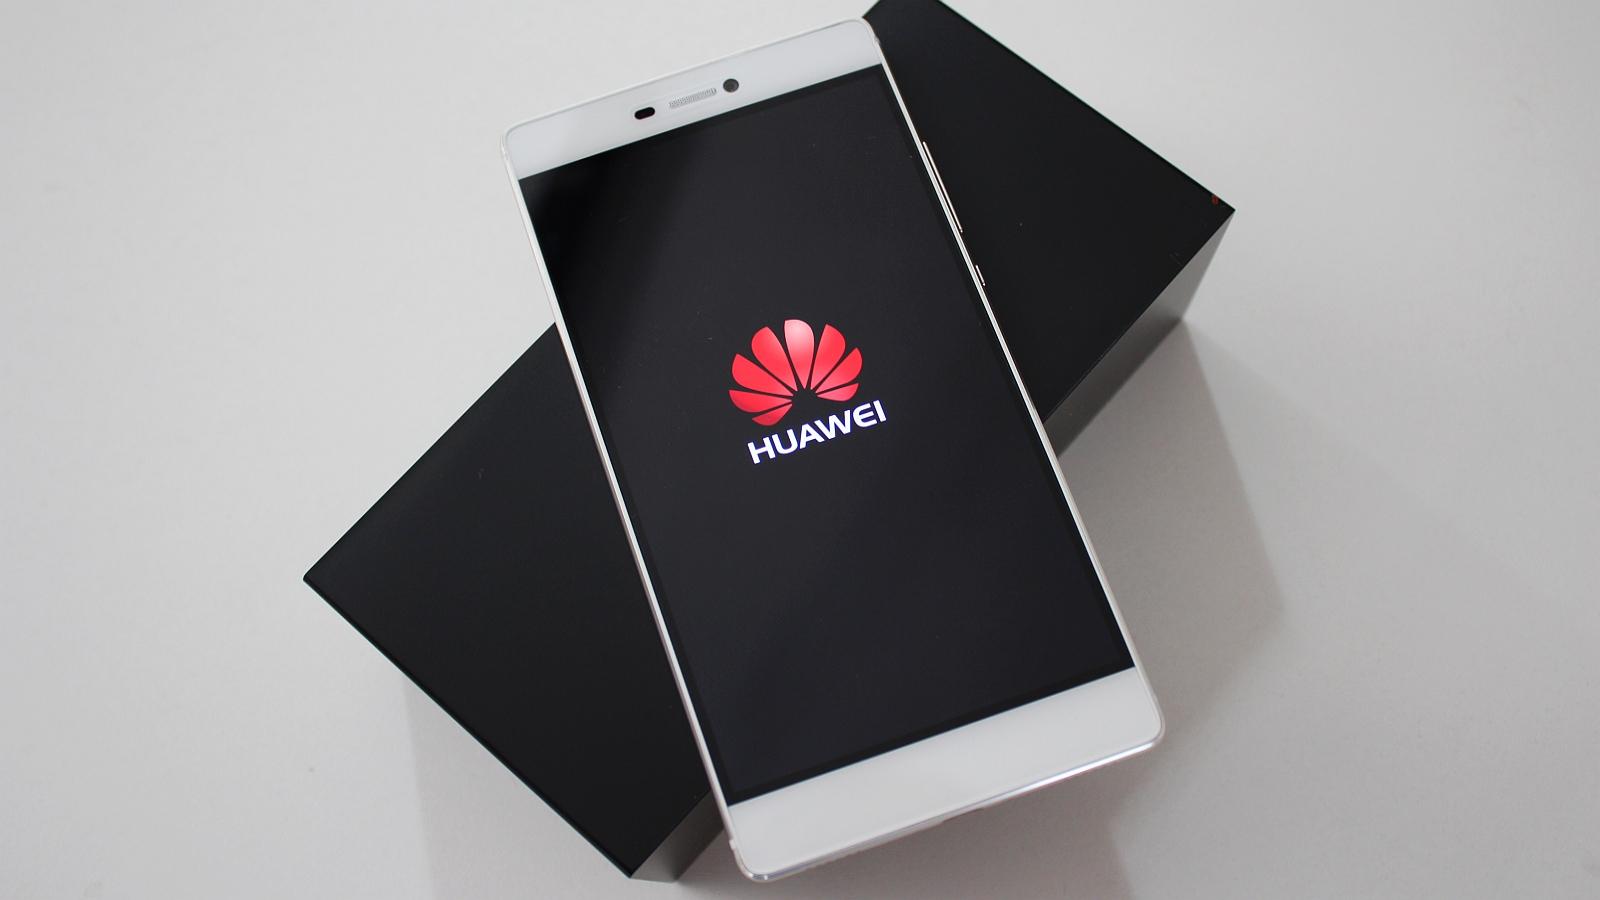 huawei p8 review 5